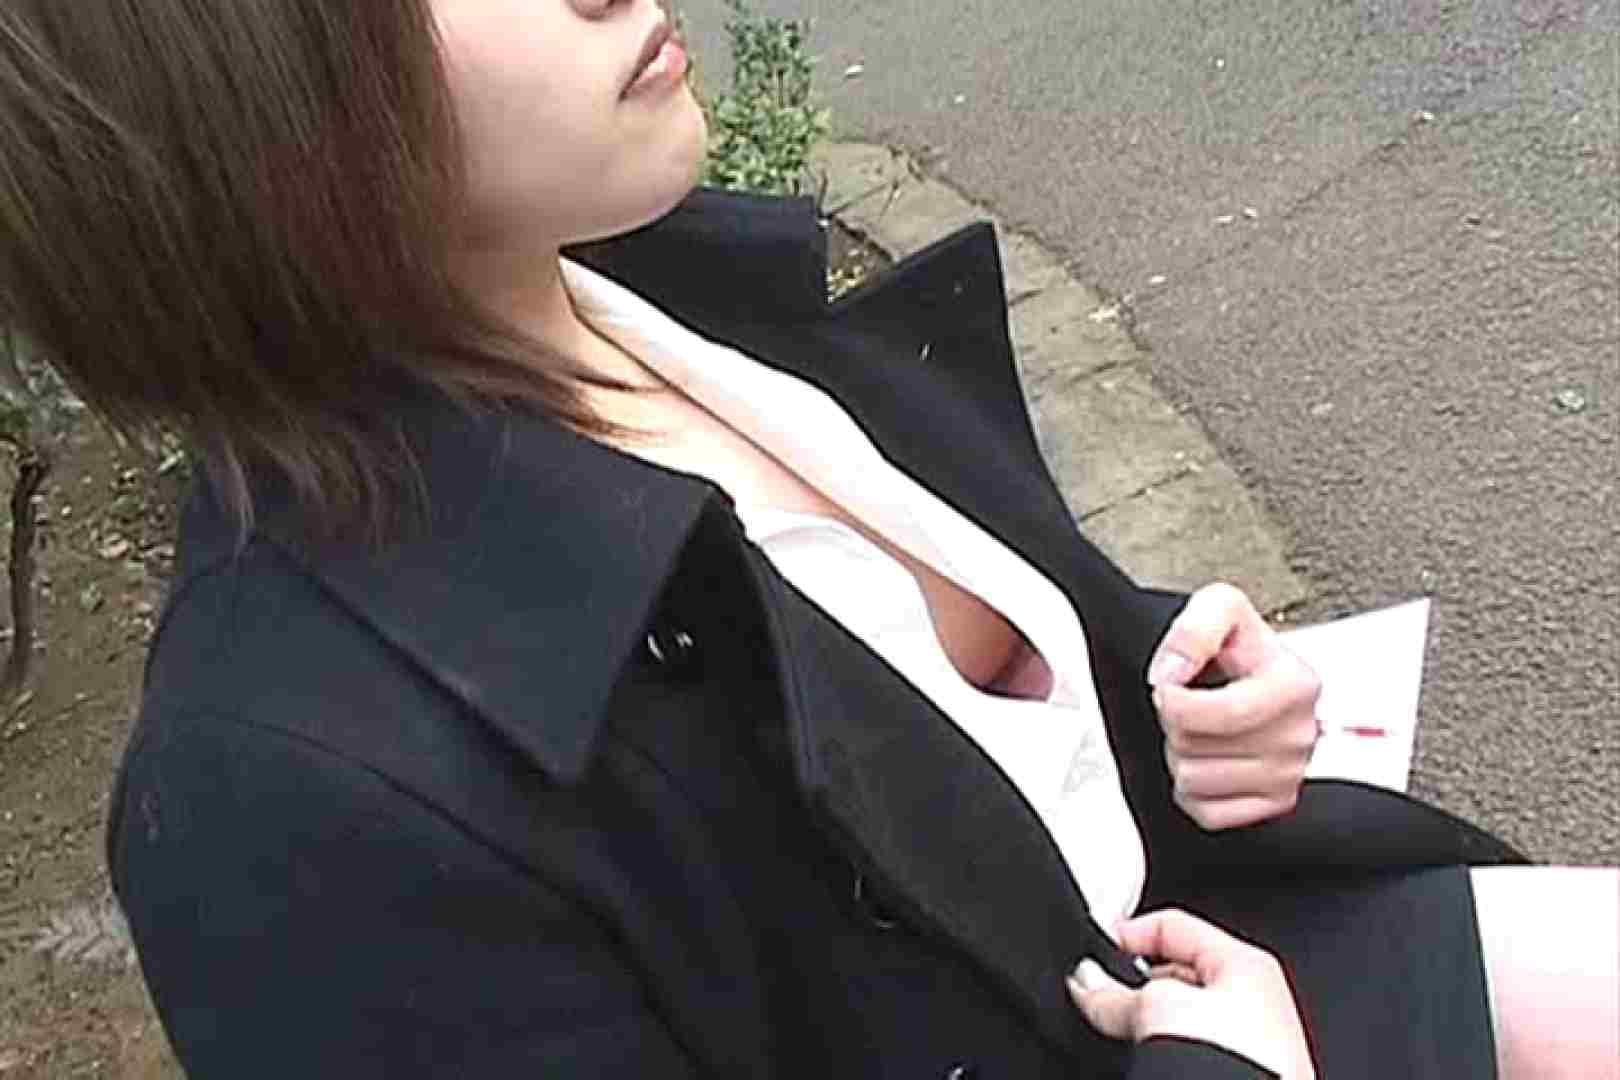 胸の隙間にご用心Vol.5 お姉さんのエッチ セックス無修正動画無料 84PIX 65